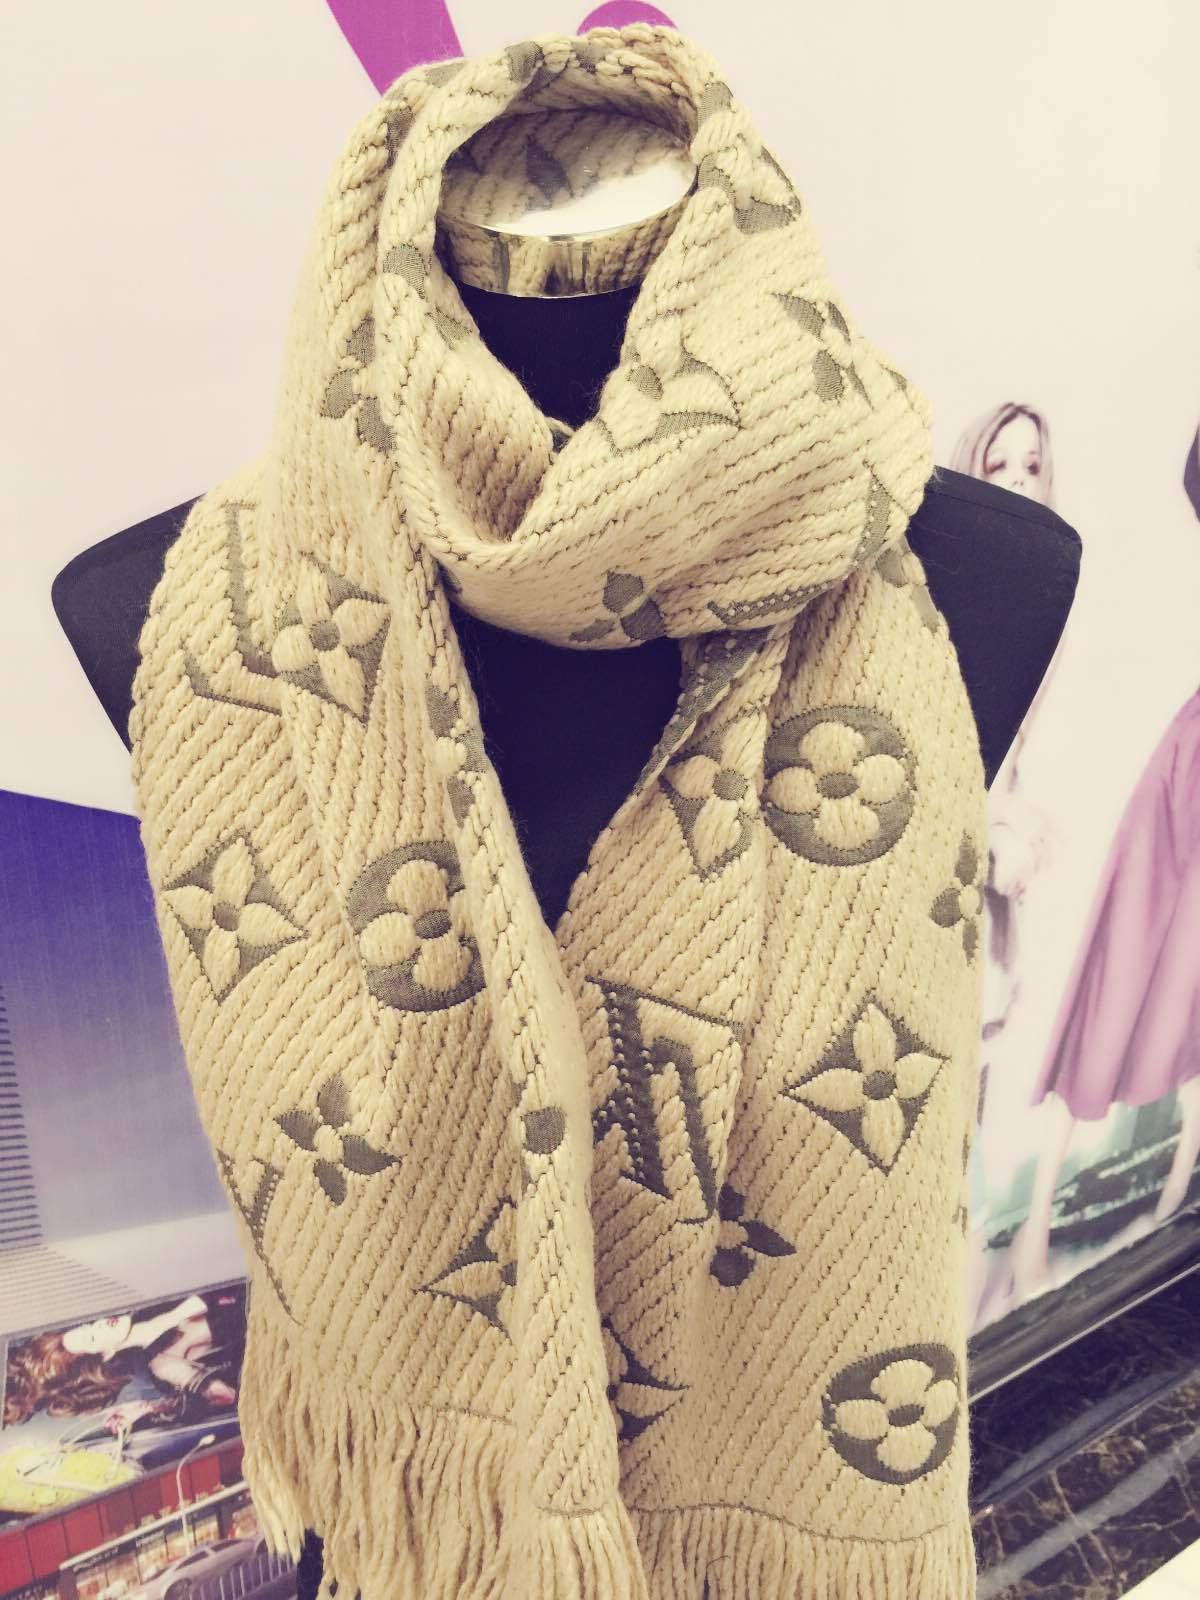 Jiangyu 2019 Fabrika Fiyat Yüksek Kalite Moda Sonbahar Kış Örgü yün atkı Alez Yün Tassel'in eşarplar wrap Şal Bej Kaşmir